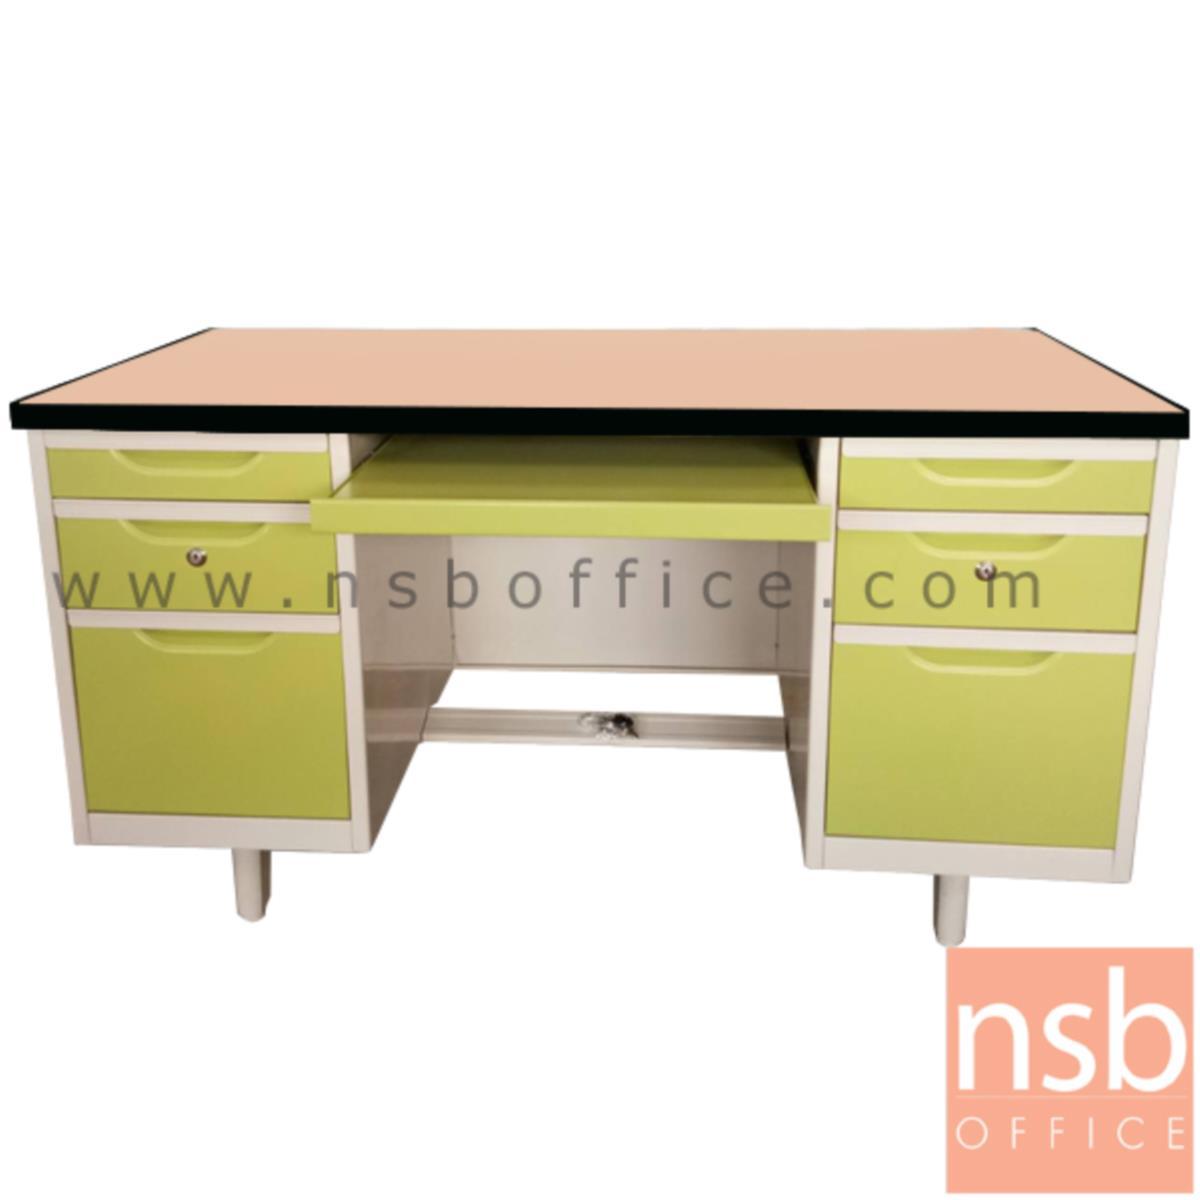 E02A051:โต๊ะคอมพิวเตอร์เหล็กหน้า TOP ไม้เมลามีน 6 ลิ้นชัก 1 รางคีย์บอร์ด รุ่น EL-TCW ขนาด 4.5 ฟุต, 5 ฟุต